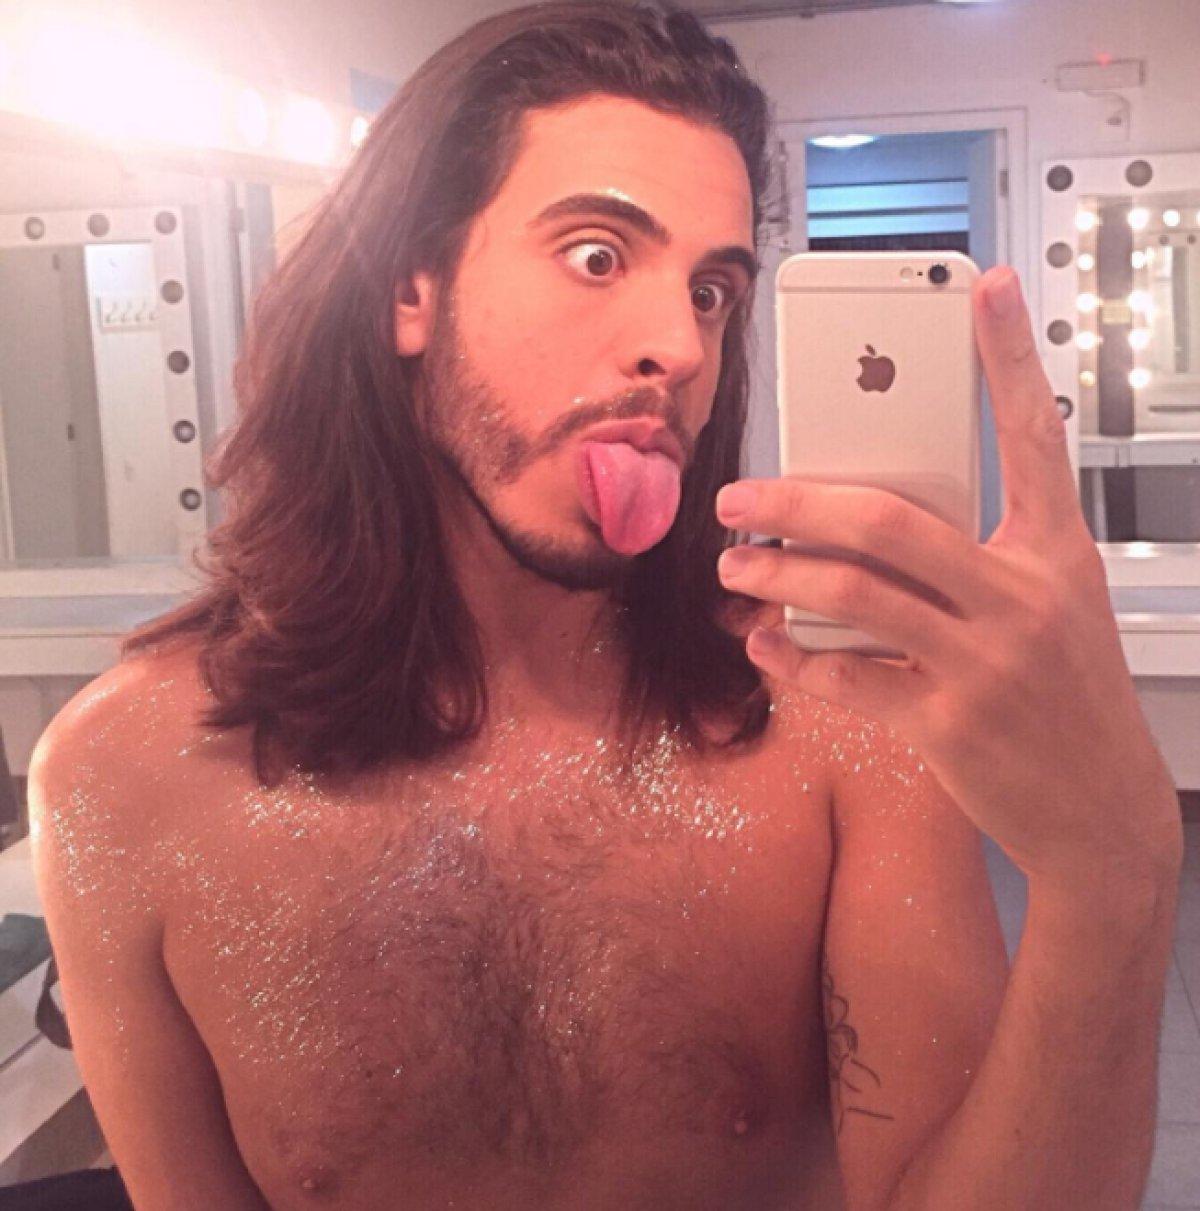 El brasileño que causa sensación en redes por sus fotos con cola de sirena